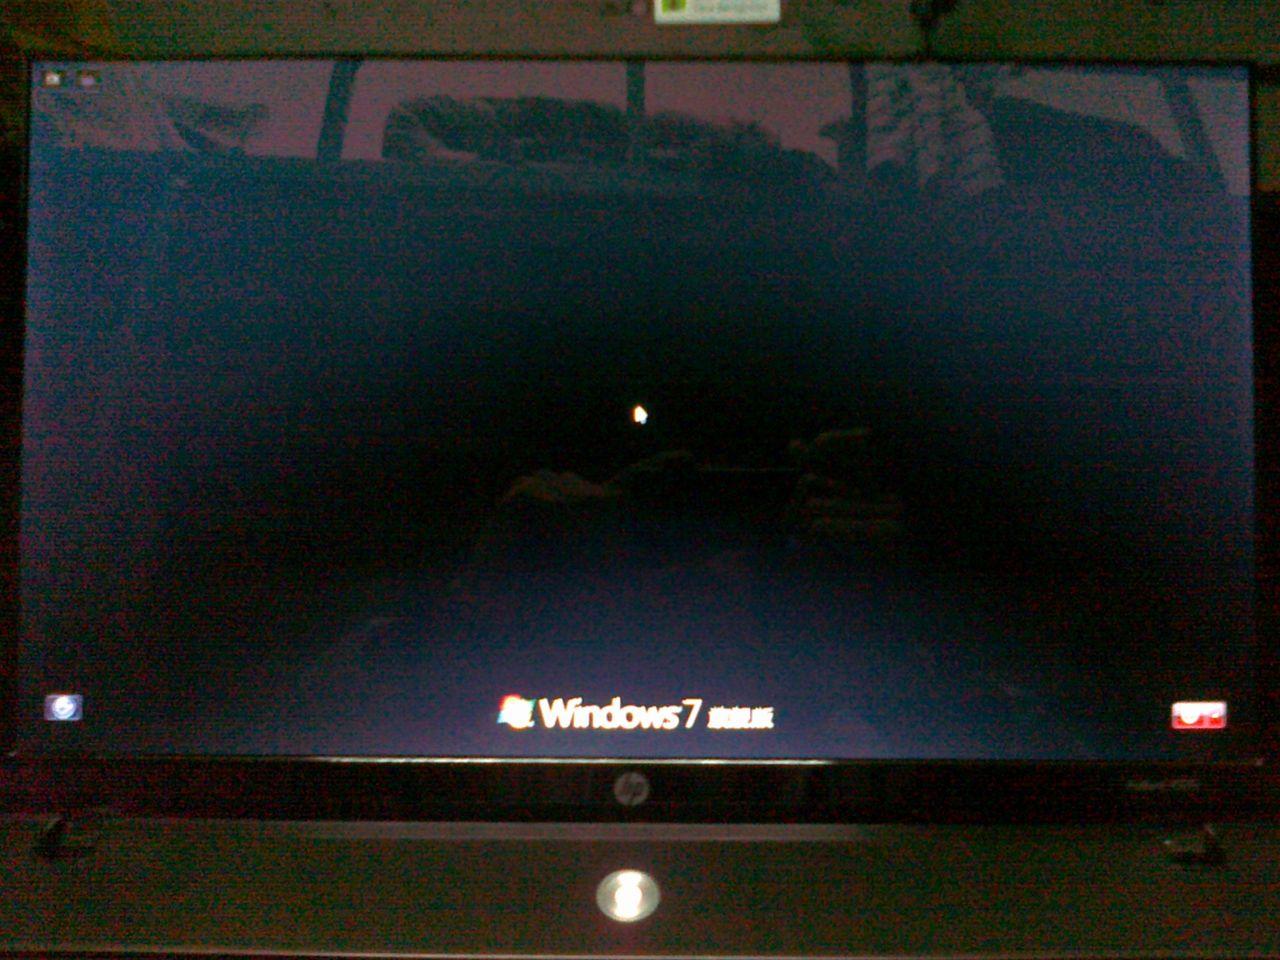 惠普笔记本装的win7旗舰版 用了启动修复后无法显示桌面 启高清图片